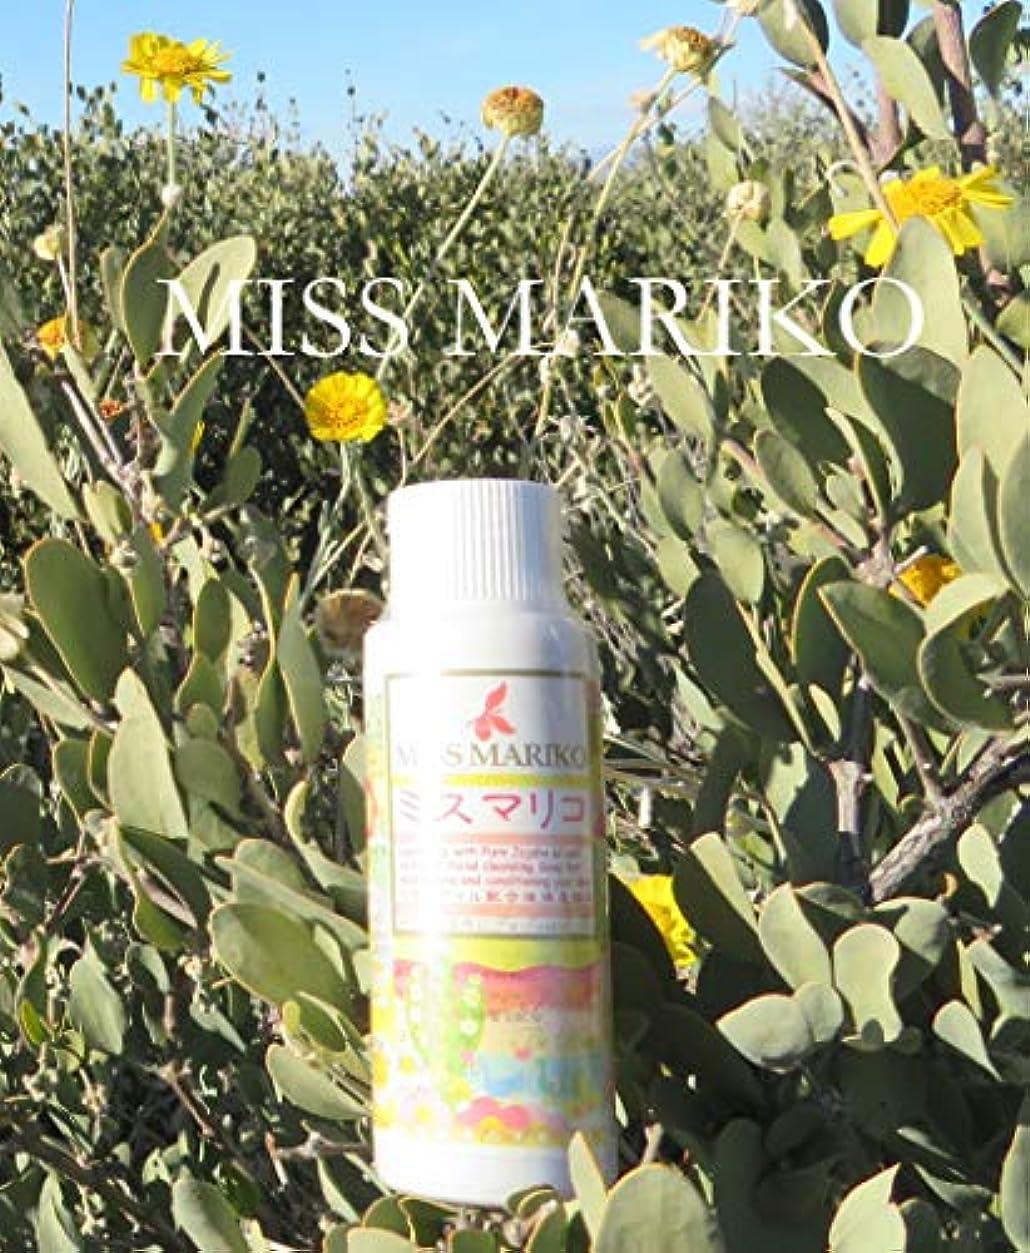 一節冬まっすぐにするミスマリコ MISS MARIKO 液体洗顔料